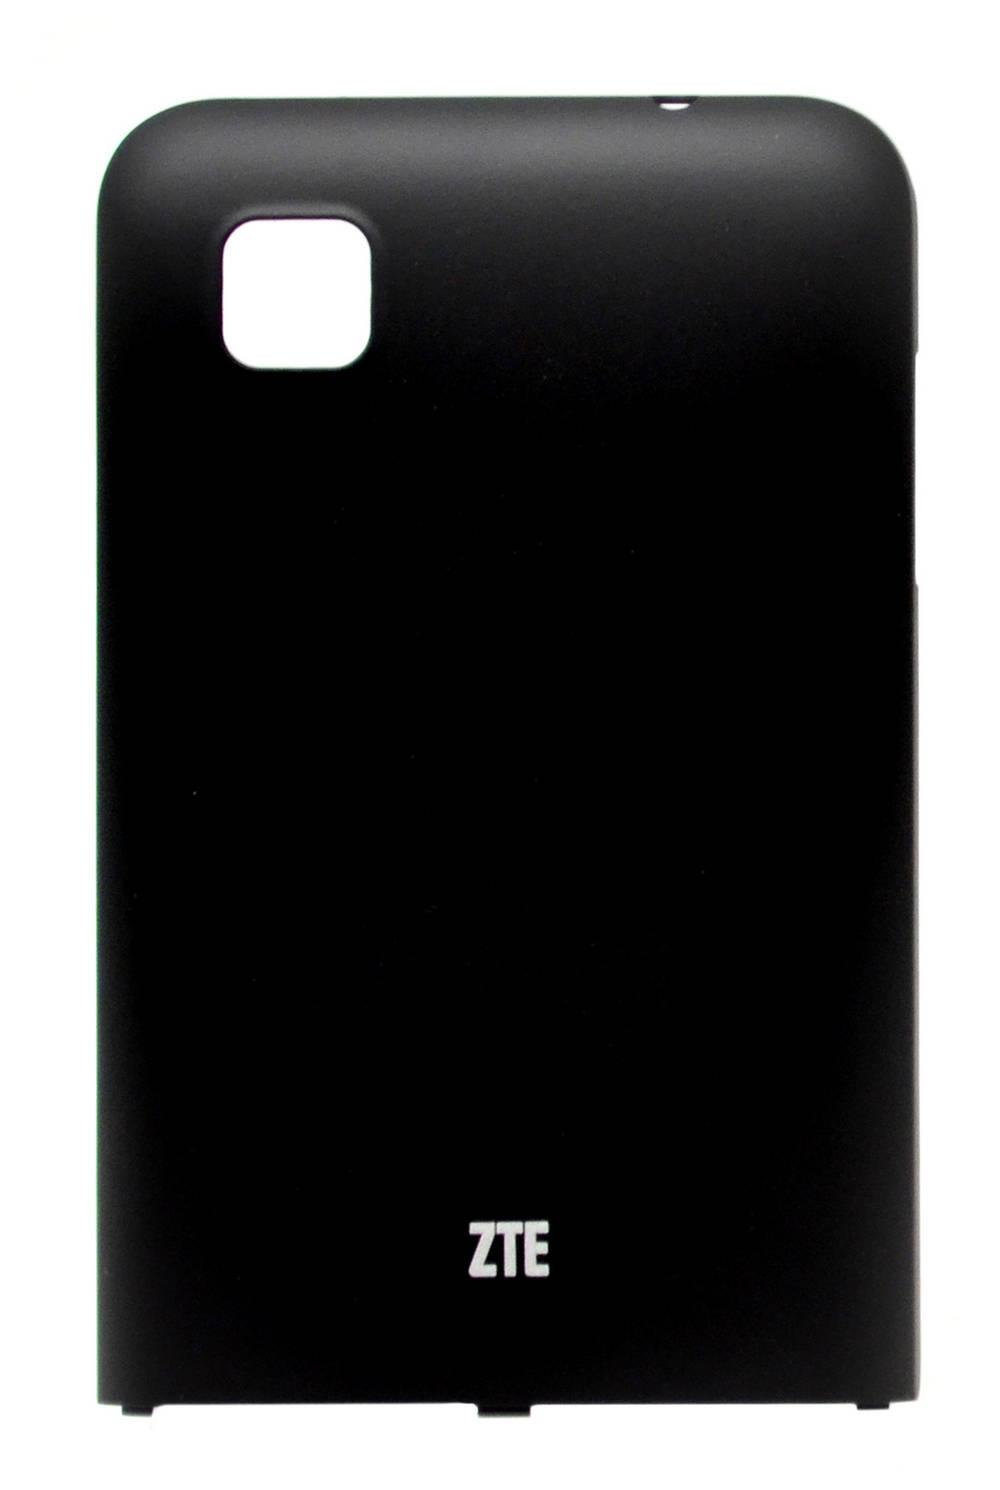 Καπάκι Μπαταρίας ZTE Kis Plus V788 Μαύρο Original 080401003688